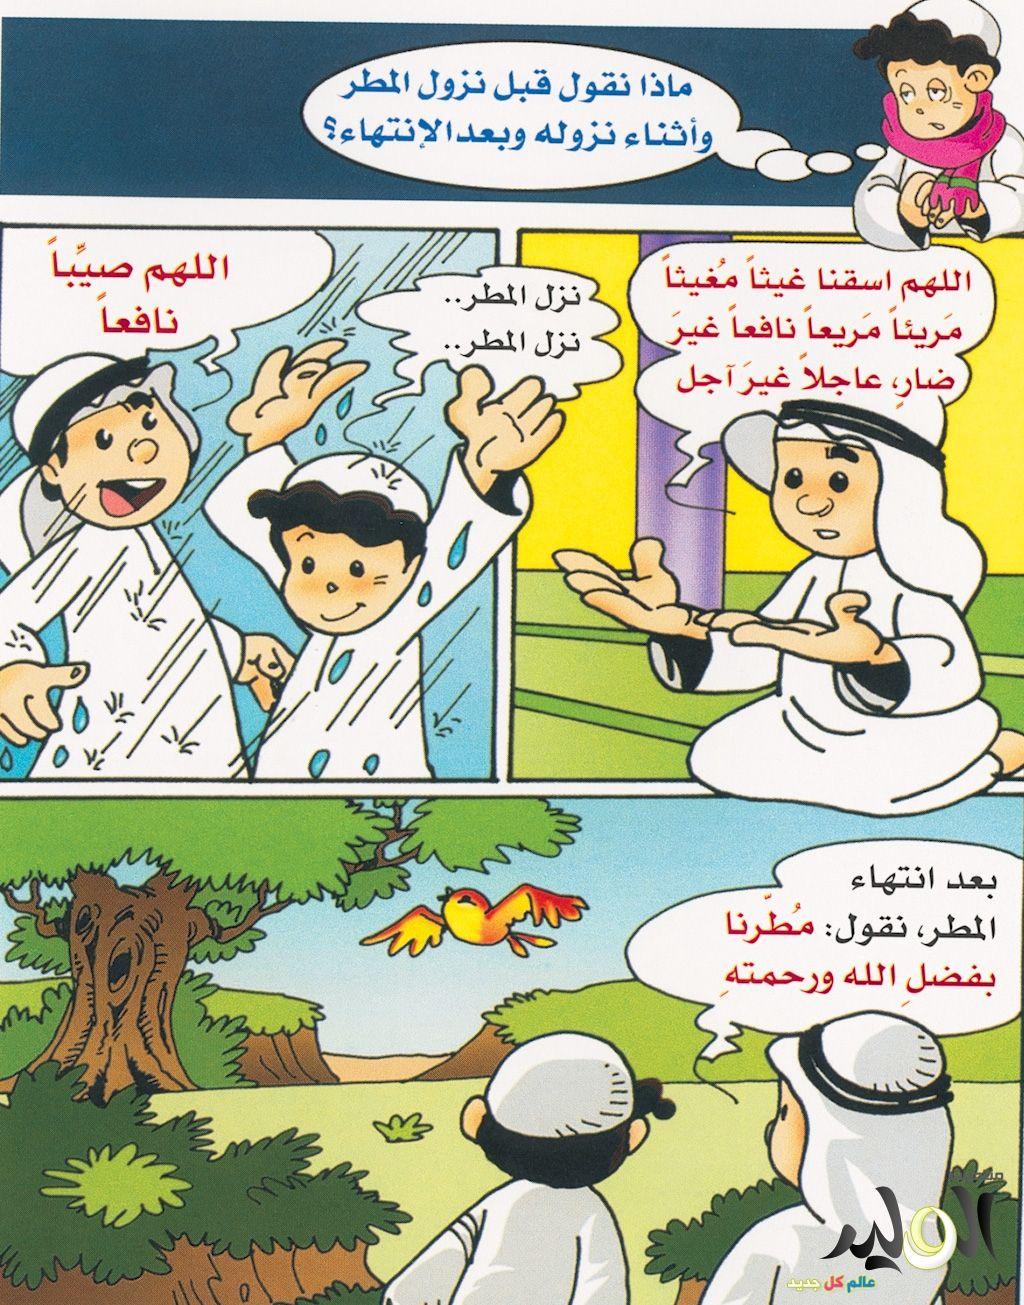 صورة قصص قصيرة مصورة للاطفال , قصص شيقه وممتعه للاطفال مصورة